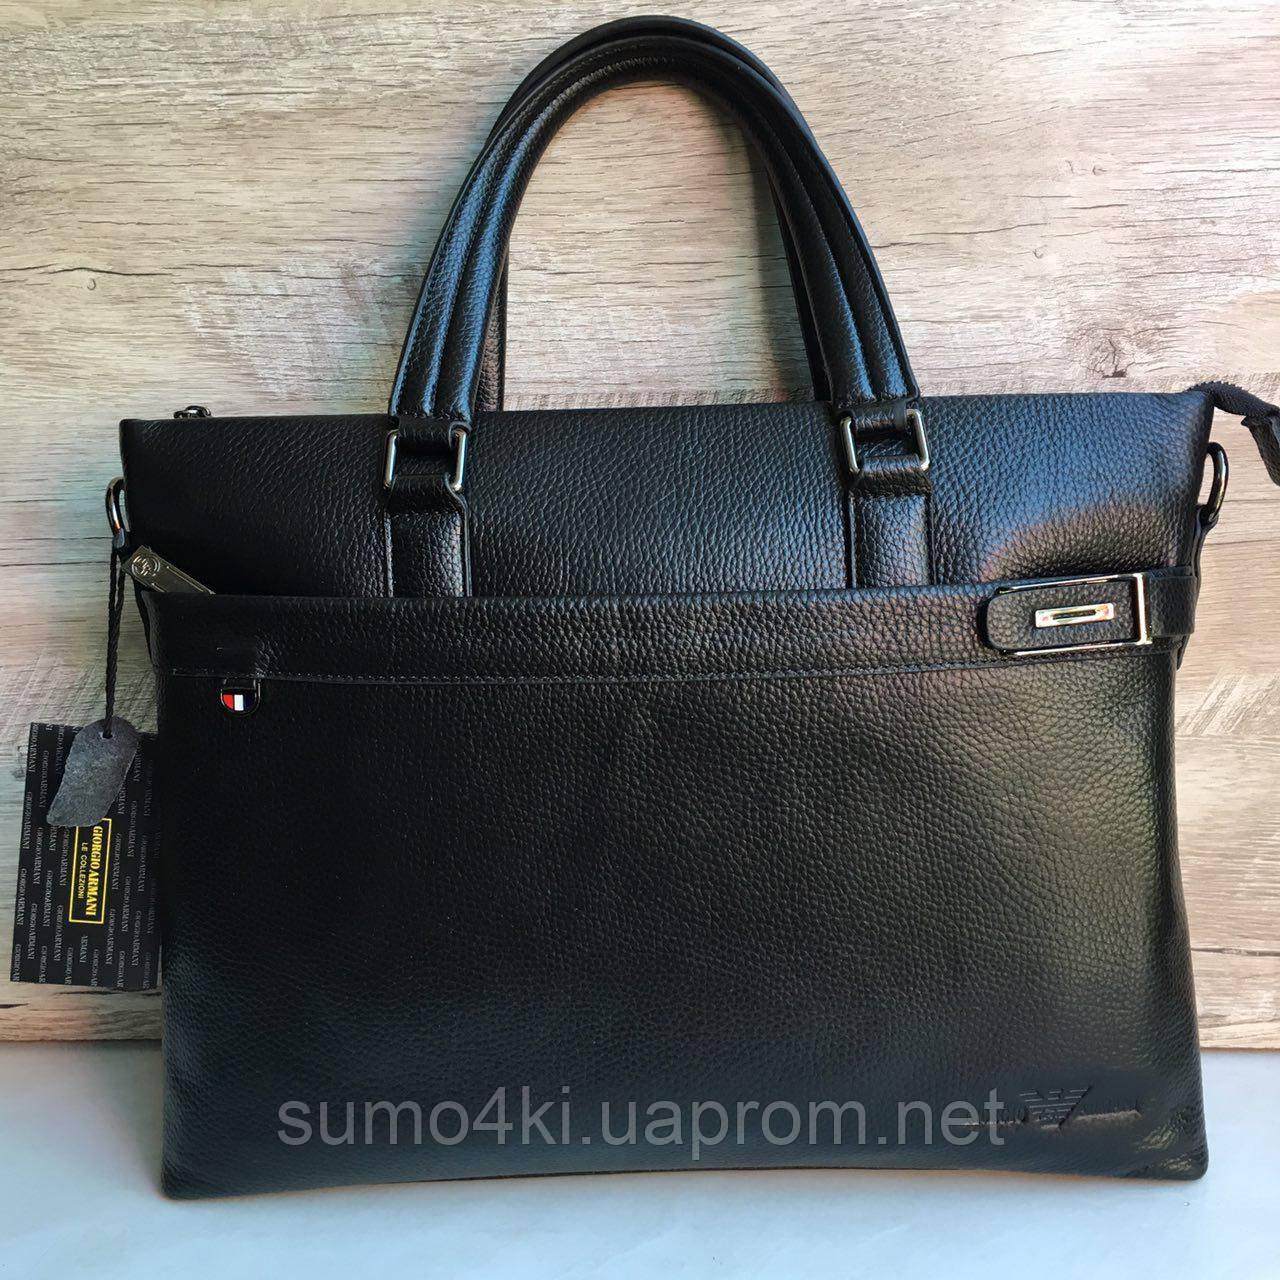 7acb49775a68 Мужская кожаная сумка (портфель) Giorgio Armani - Интернет-магазин «Галерея  Сумок»